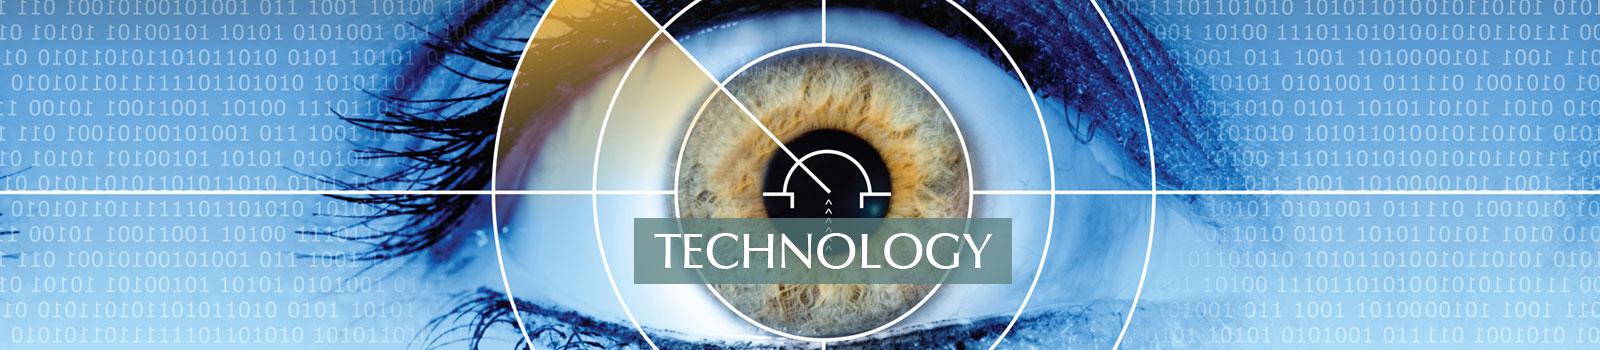 Laser Vision Technology